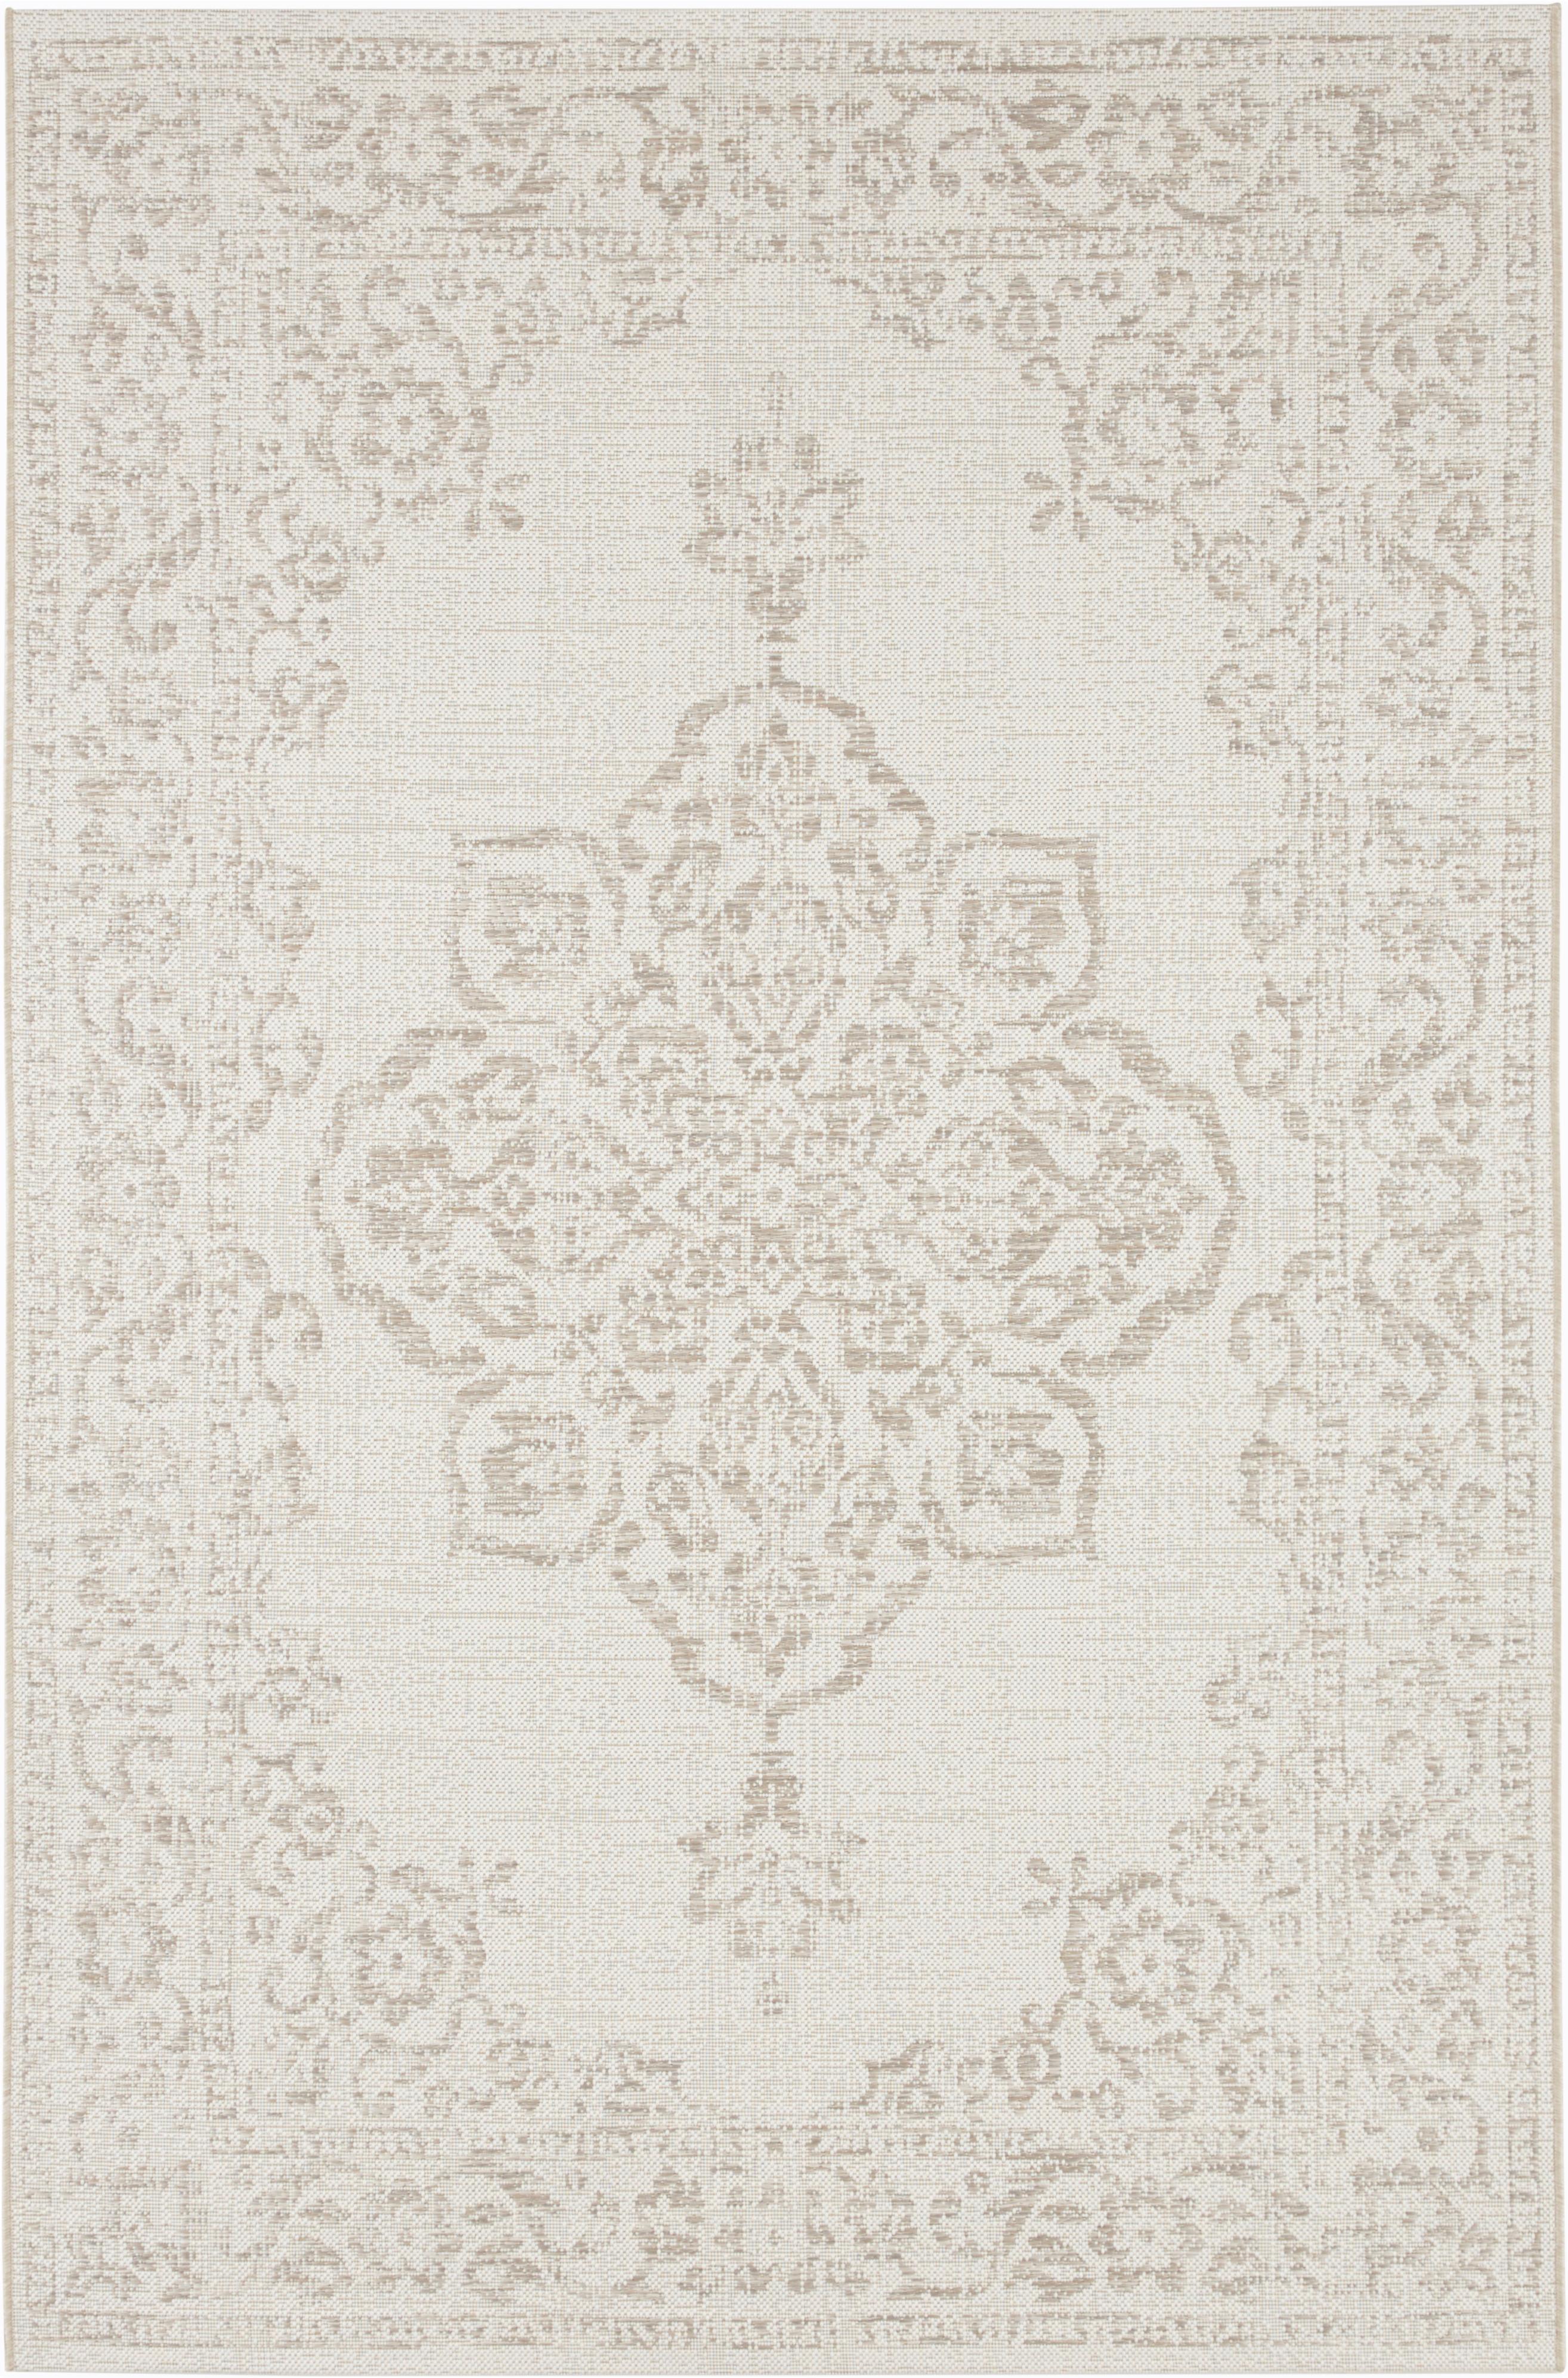 In- en outdoor vloerkleed Tilos in vintage look, Polypropyleen, Crèmekleurig, beige, B 120 x L 170 cm (maat S)